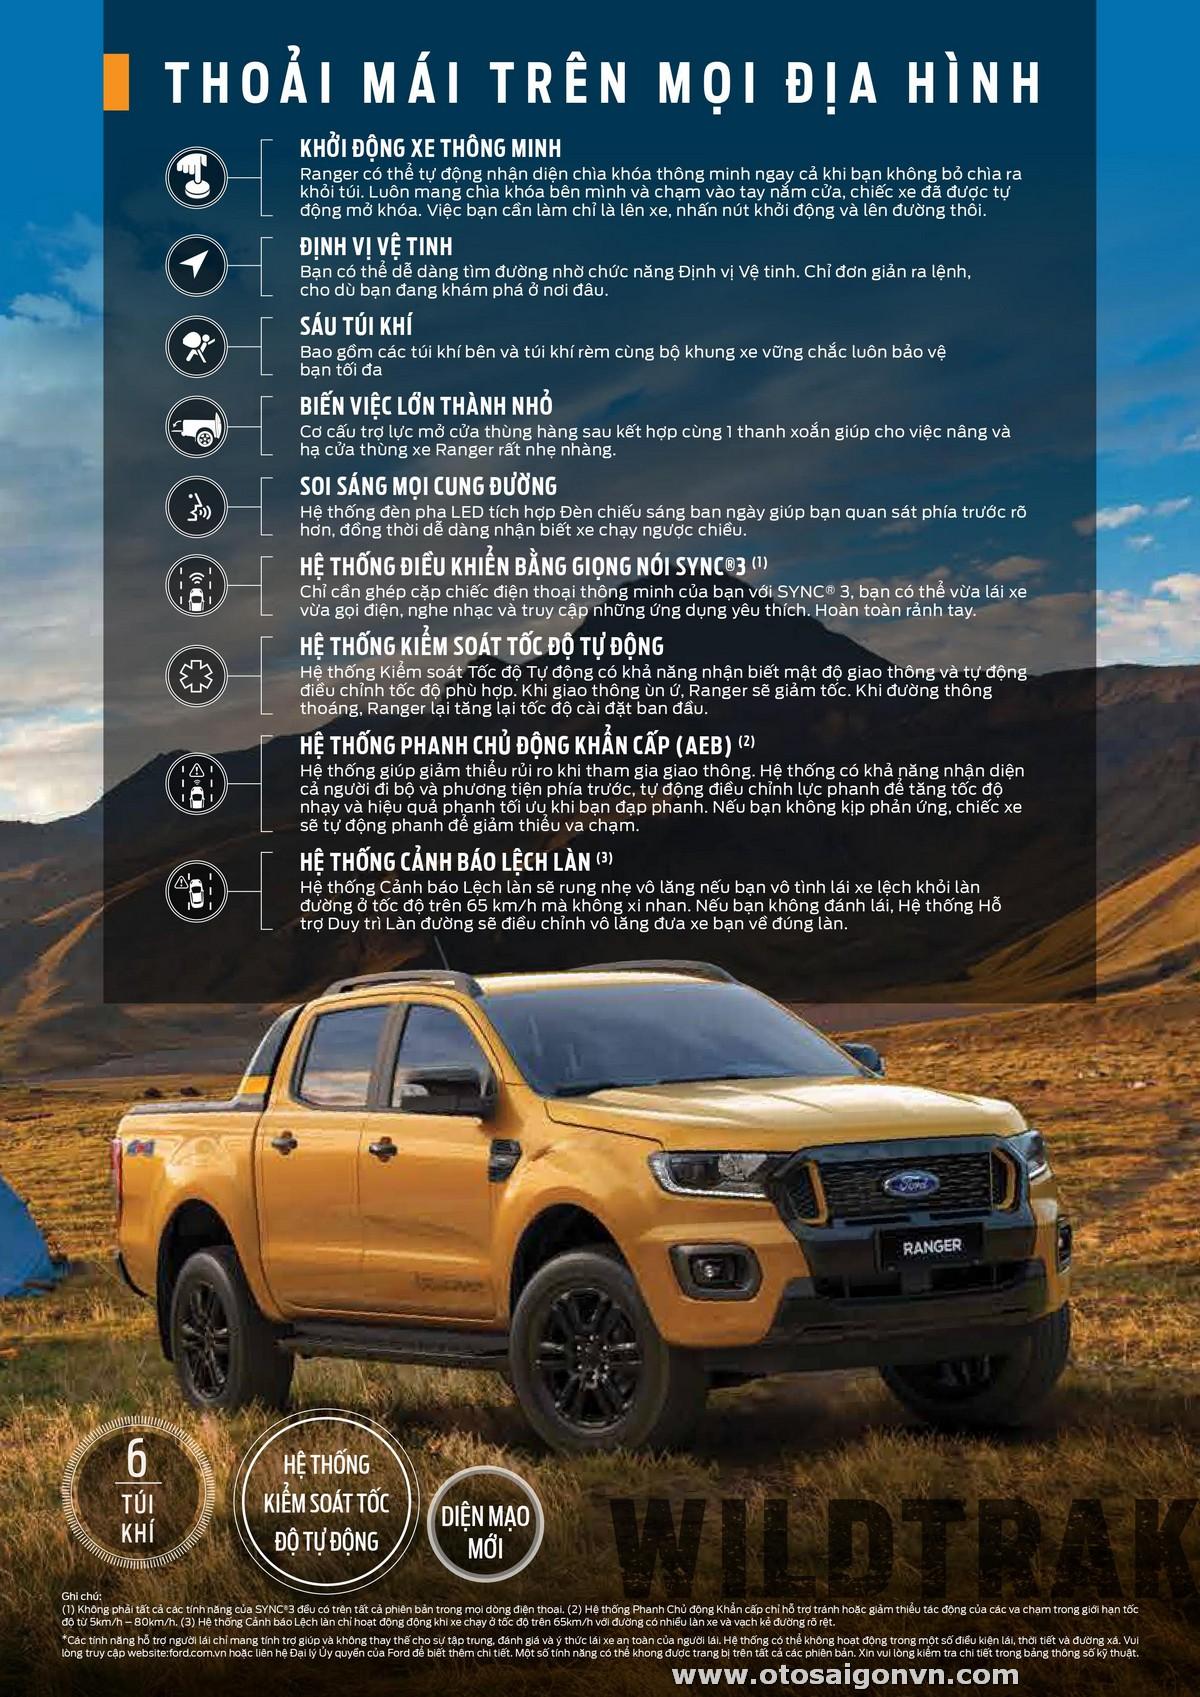 Ford Ranger 2021 22